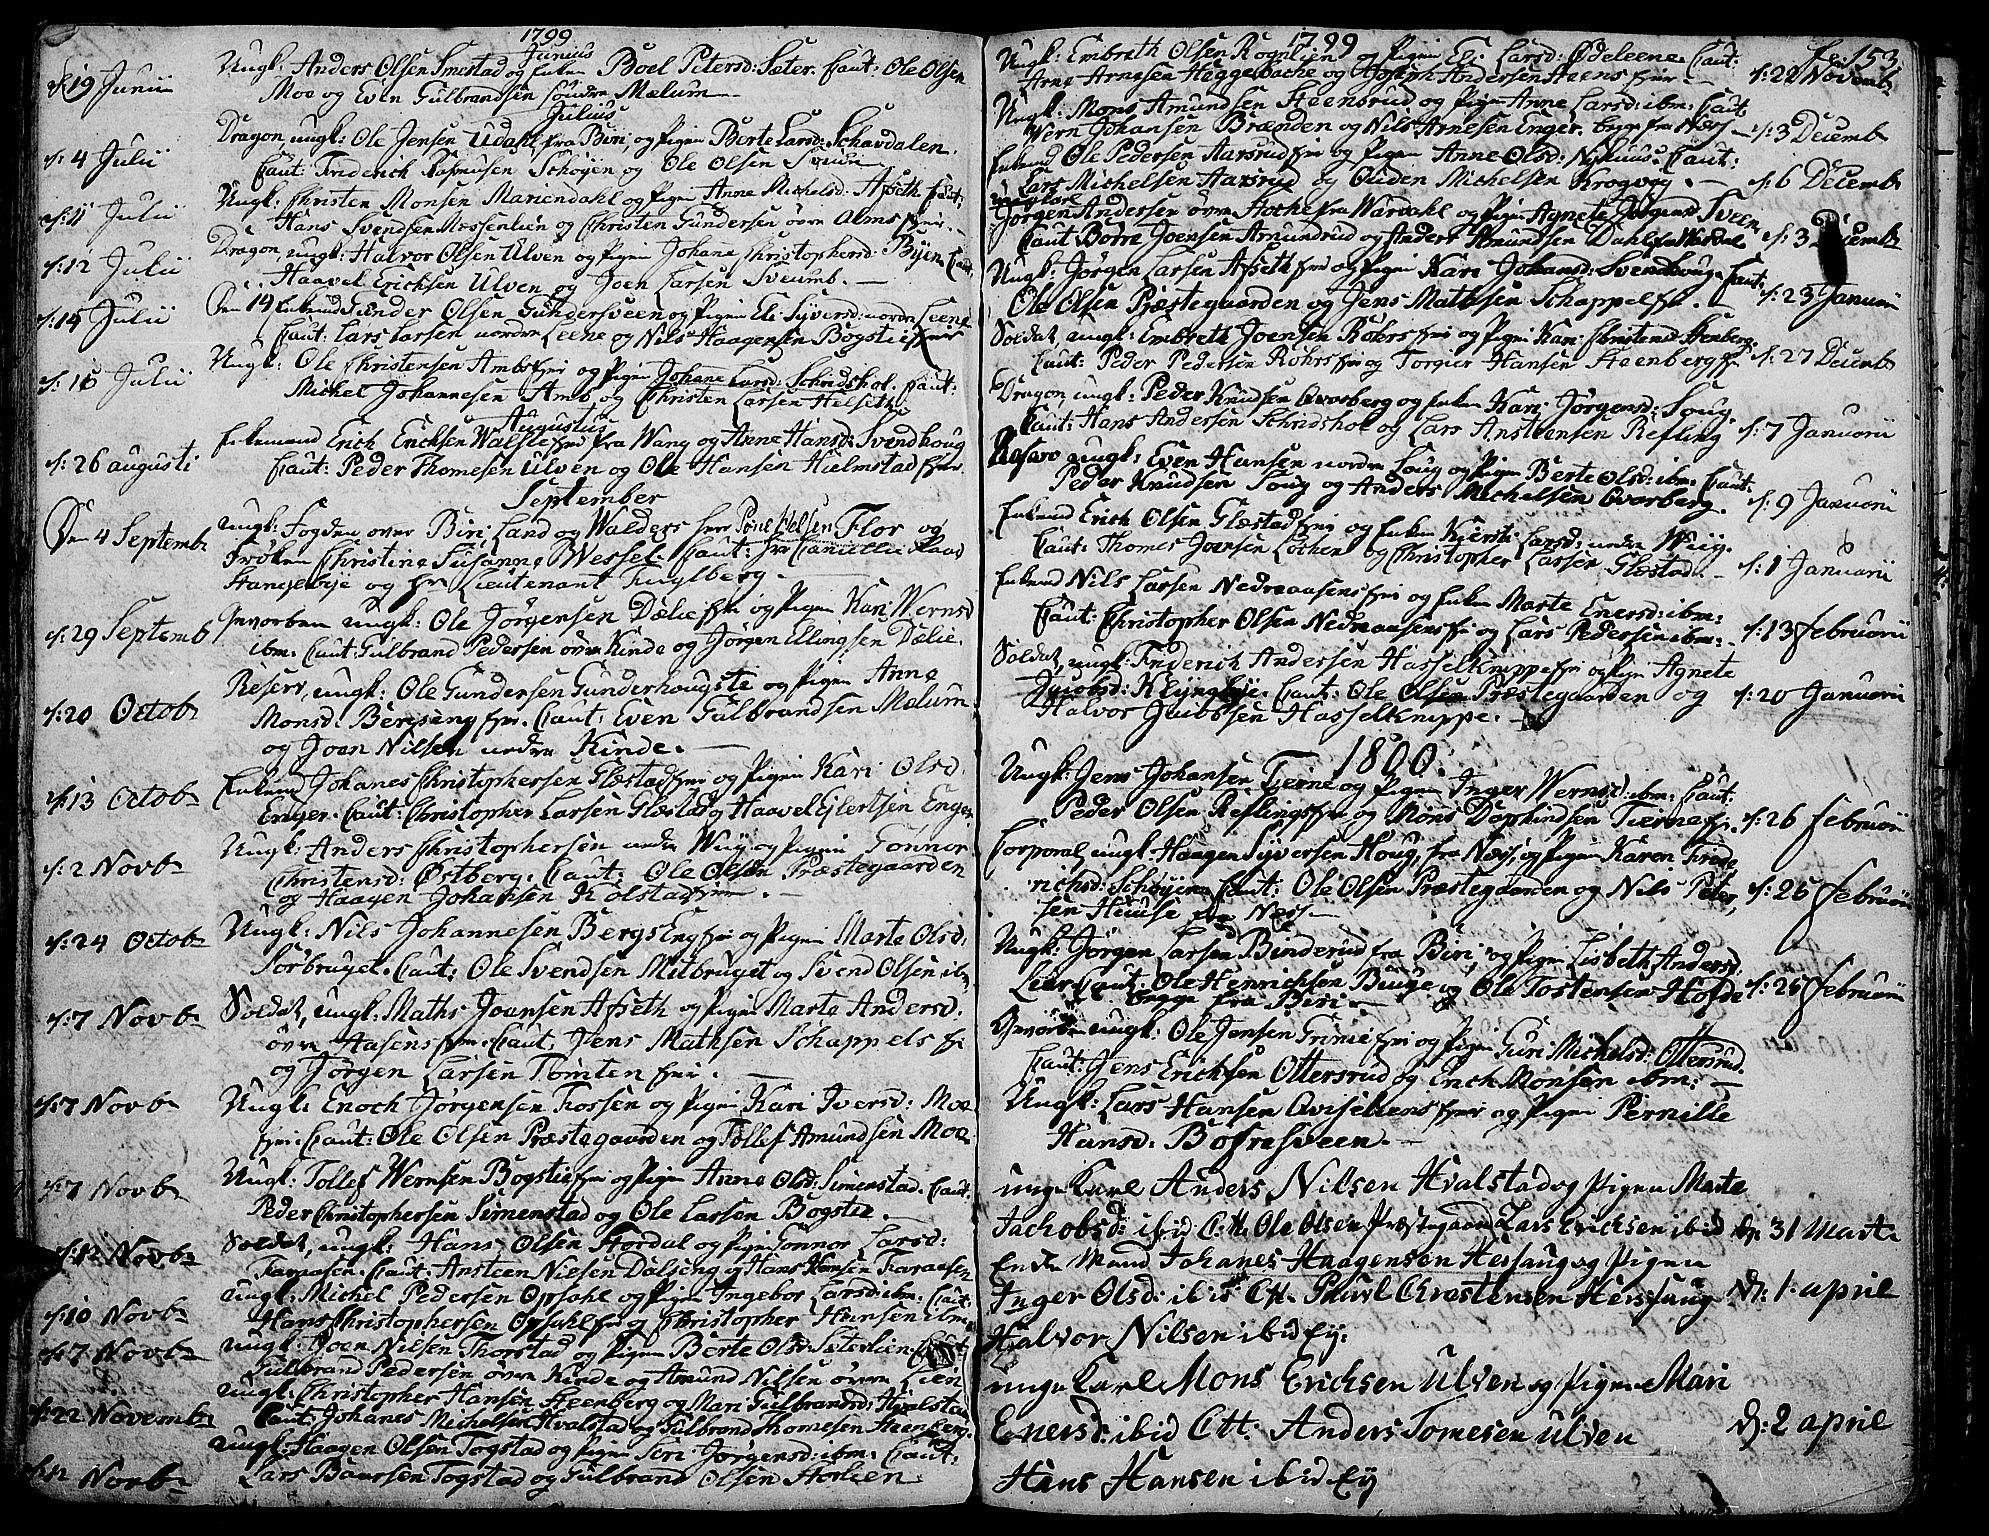 SAH, Ringsaker prestekontor, K/Ka/L0004: Parish register (official) no. 4, 1799-1814, p. 153